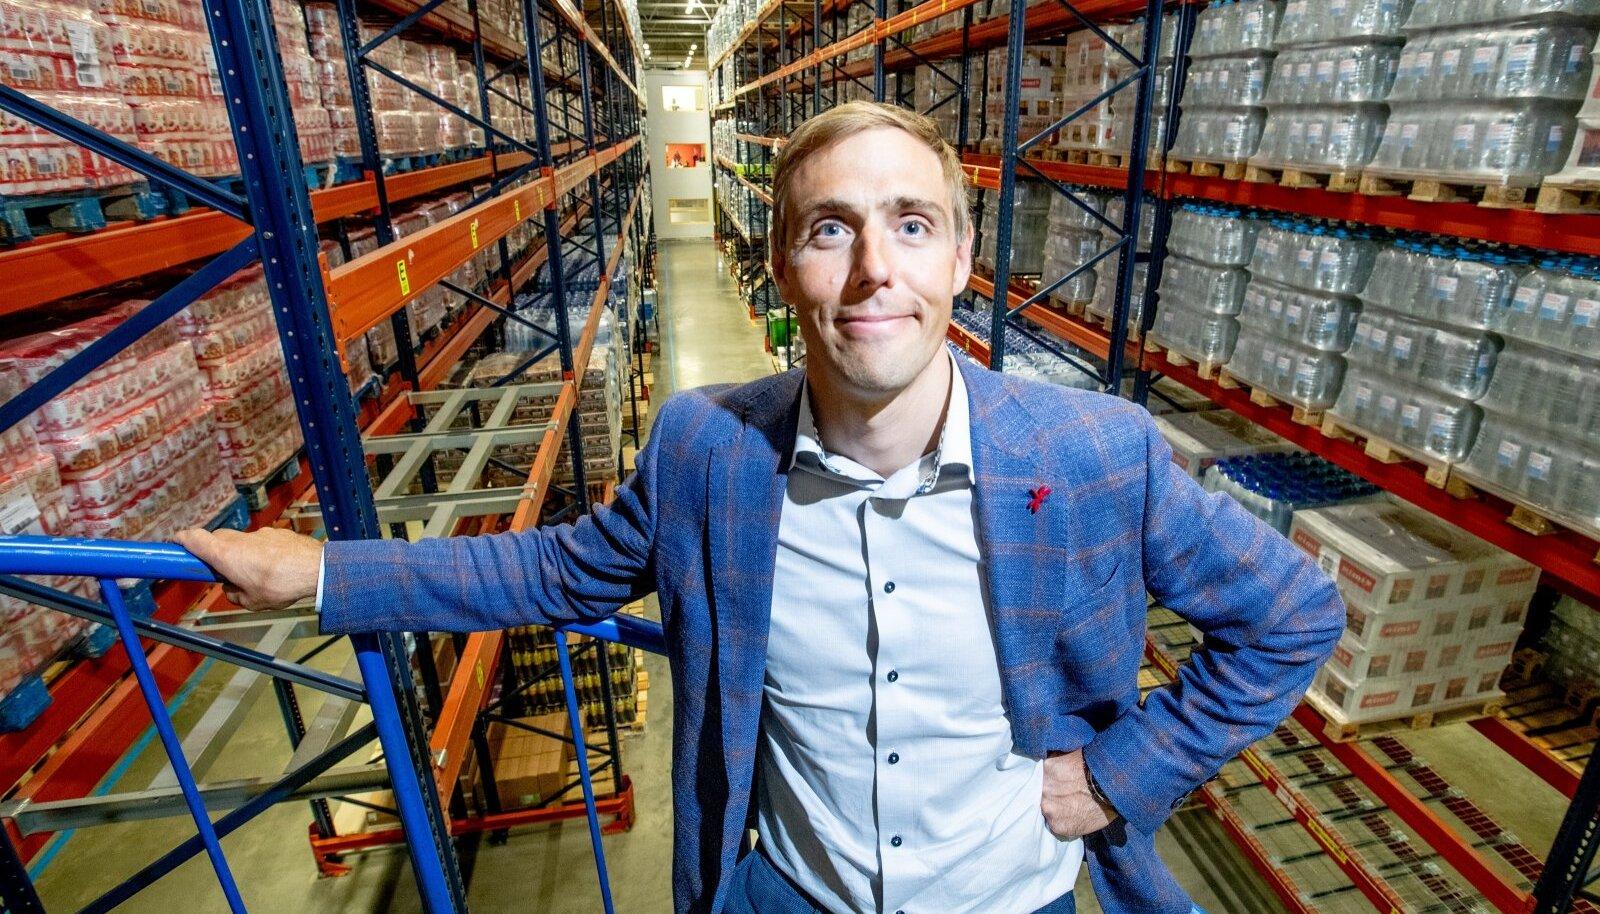 Vaido Padumäe on Rimis töötanud kokku 21 aastat. Ta tõdeb, et kui mõne algatusega tahetakse kiirelt edasi liikuda, siis tuleb arvestada, et suurfirmal on säärase tempoga kohati raske järge pidada.